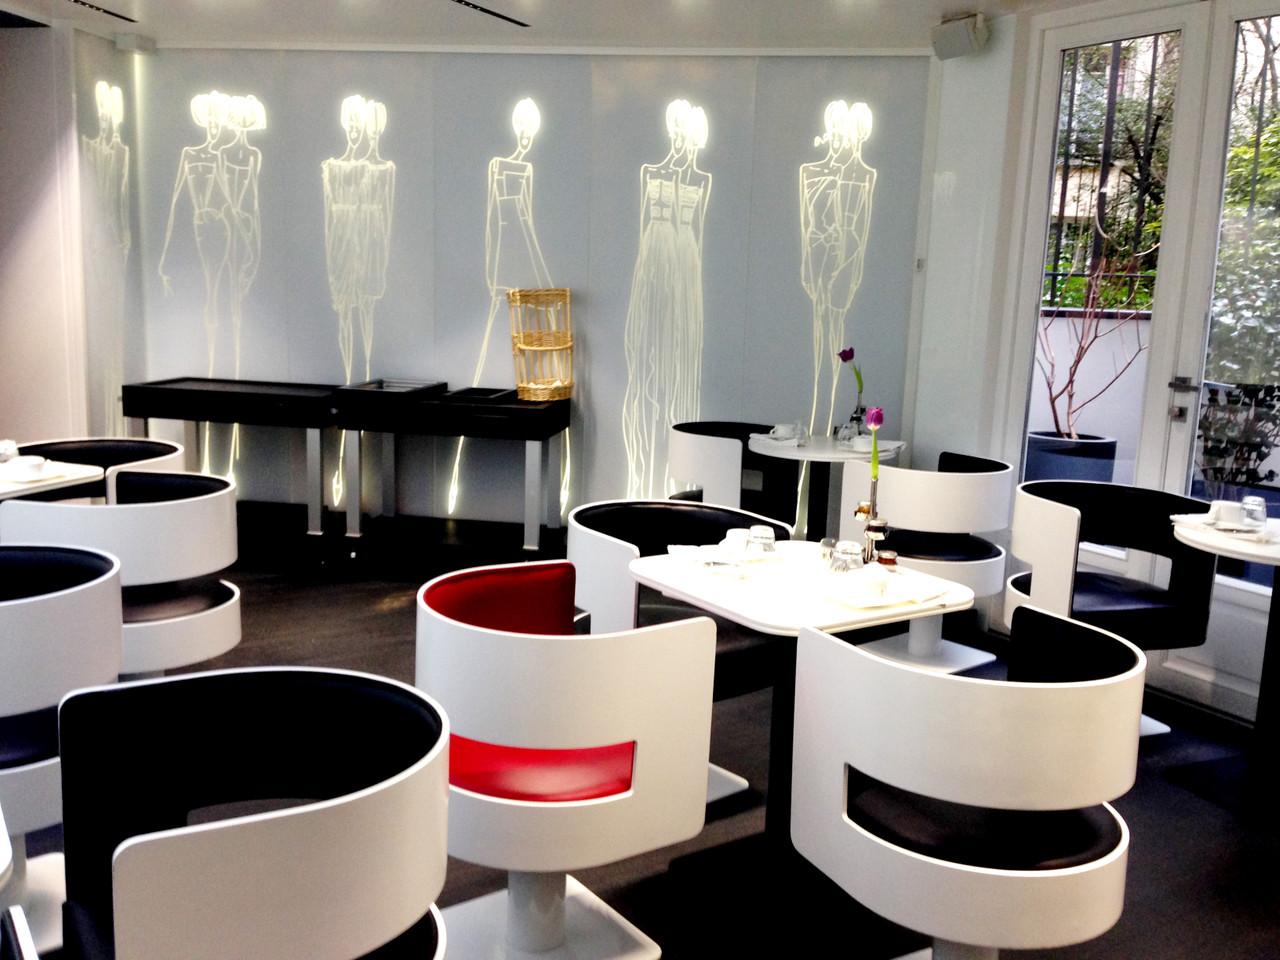 H tel f licien paris blog mode paris lifestyle tendances styles voyages - Hotel tendance paris ...